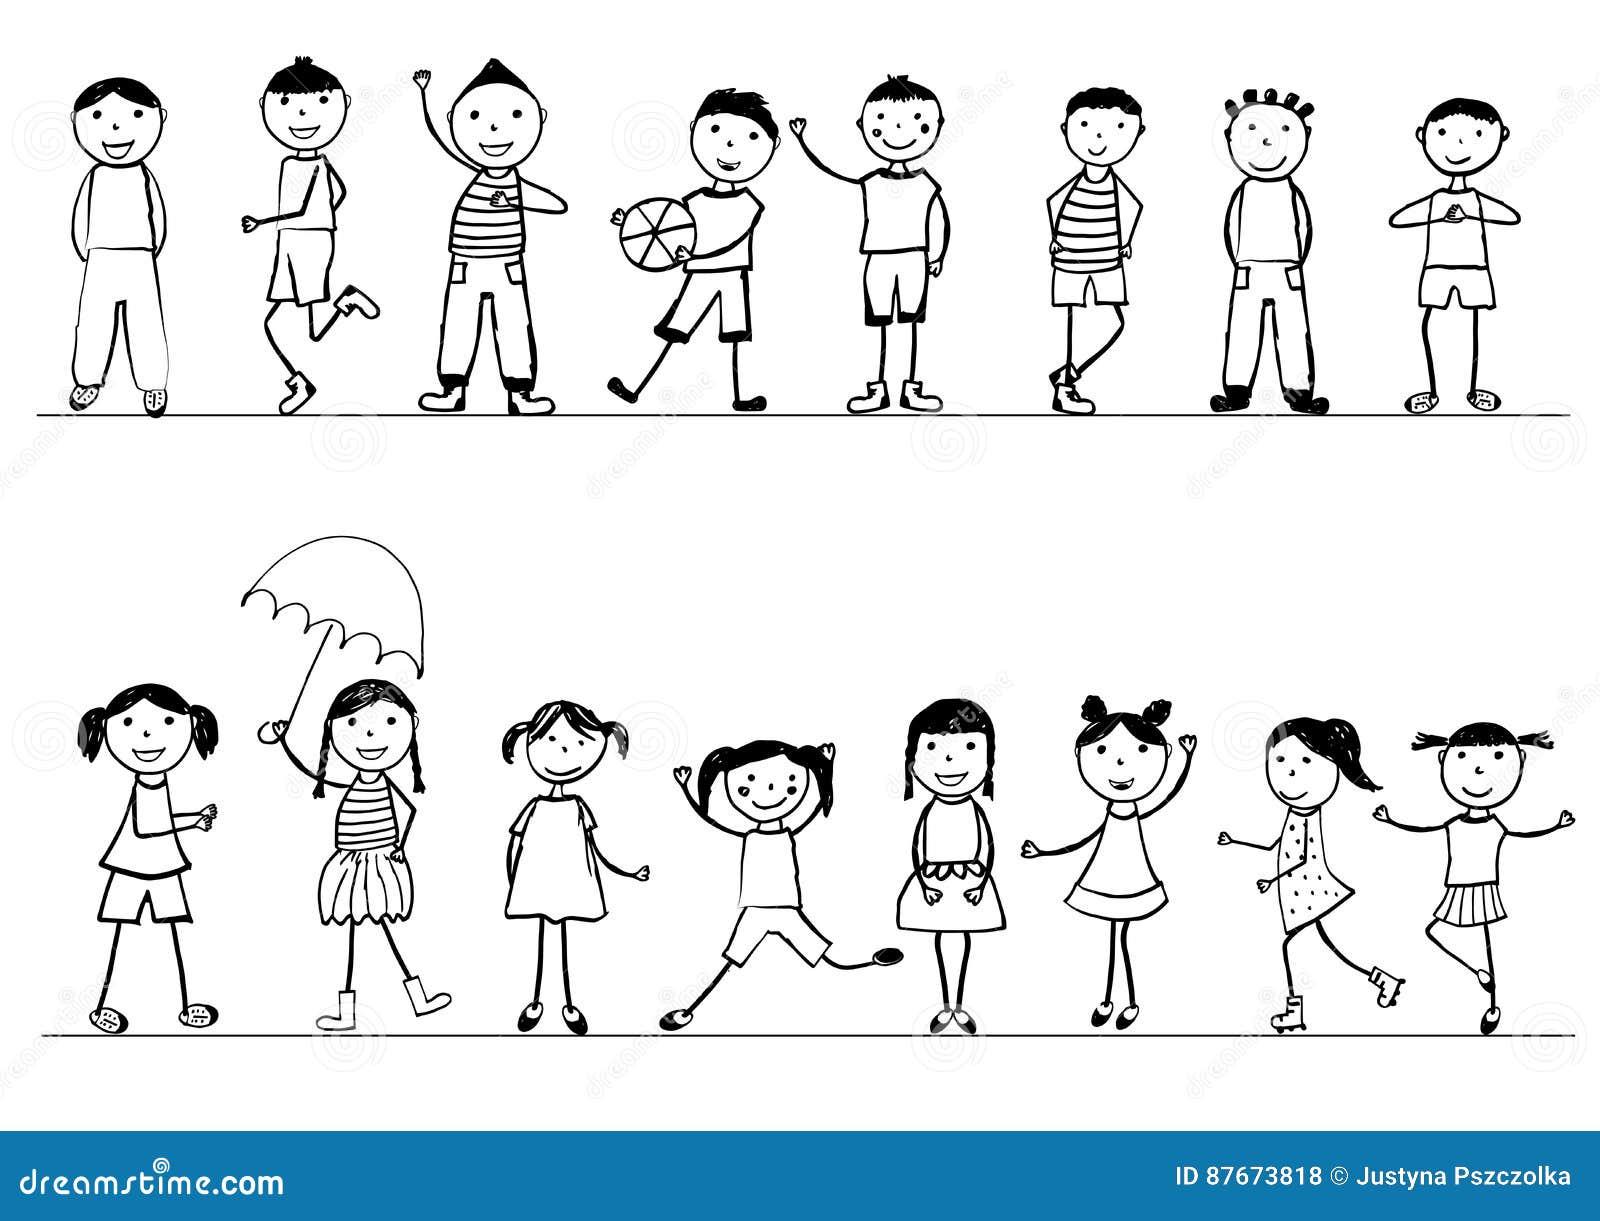 Glucklicher Kinder Schwarzweiss Hand Gezeichnet Vektor Abbildung